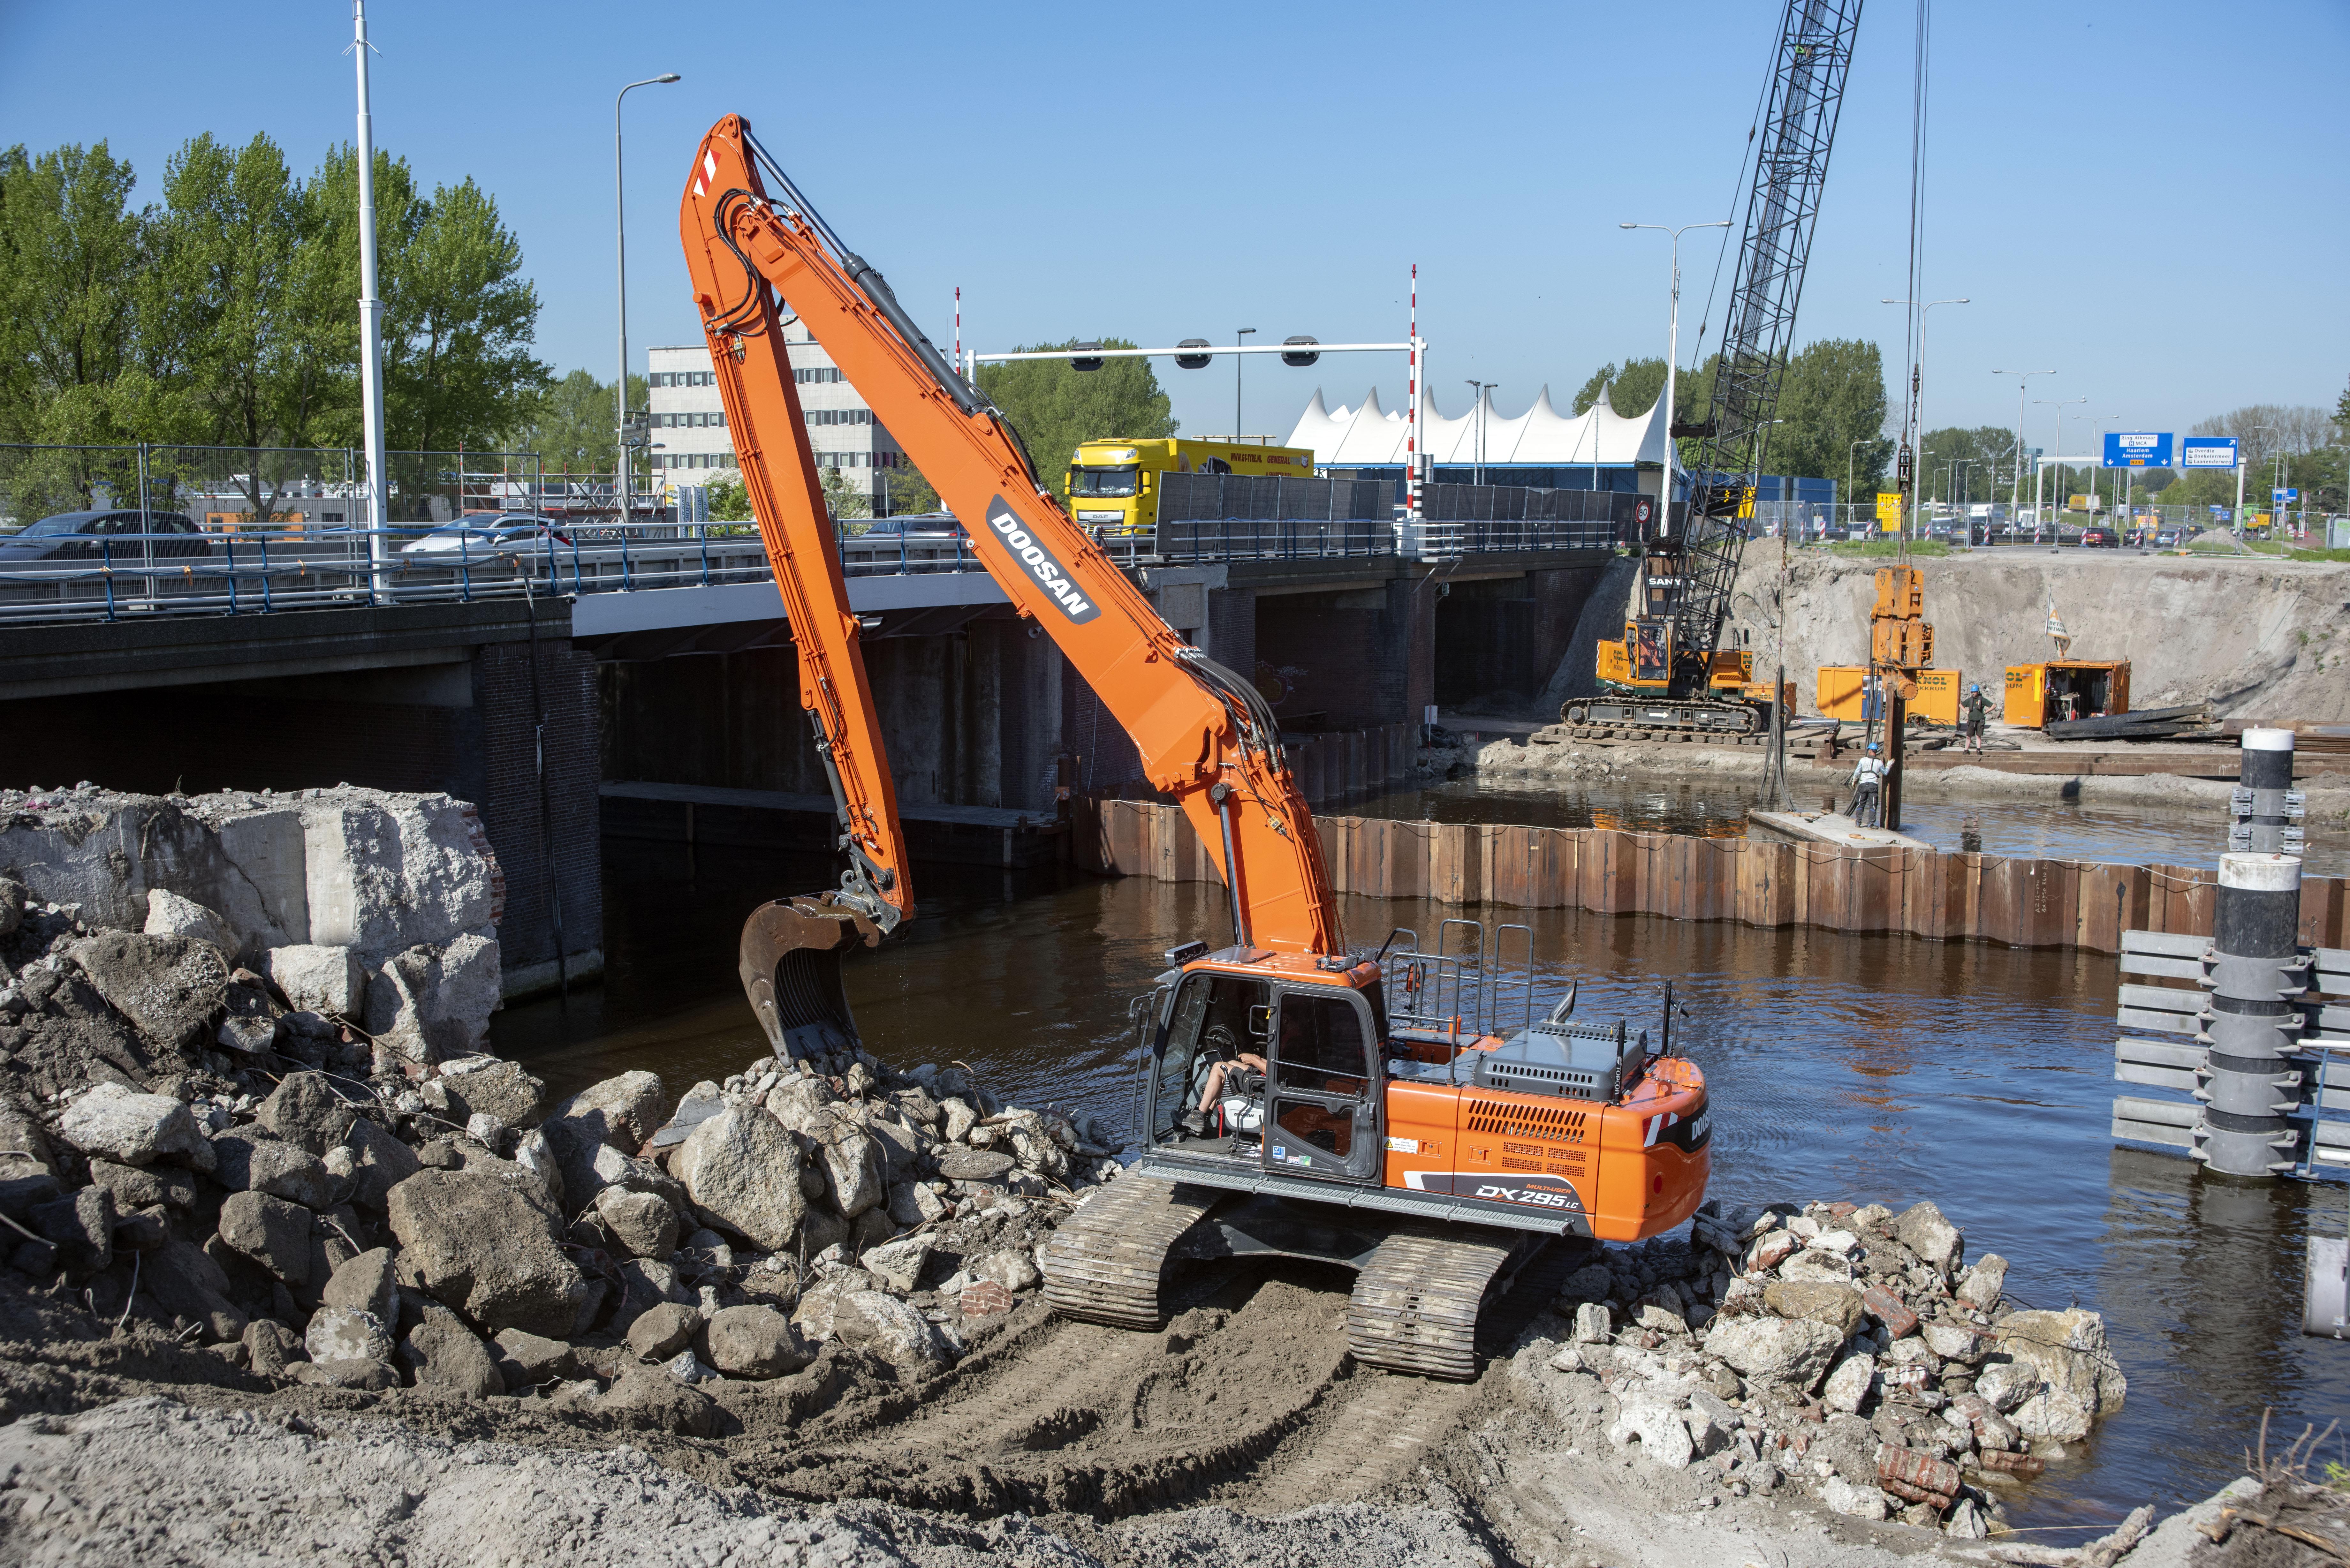 Provincie Noord-Holland treft maatregelen om de bouwstop aan de Leeghwaterbrug op te heffen. (Foto: aangeleverd)